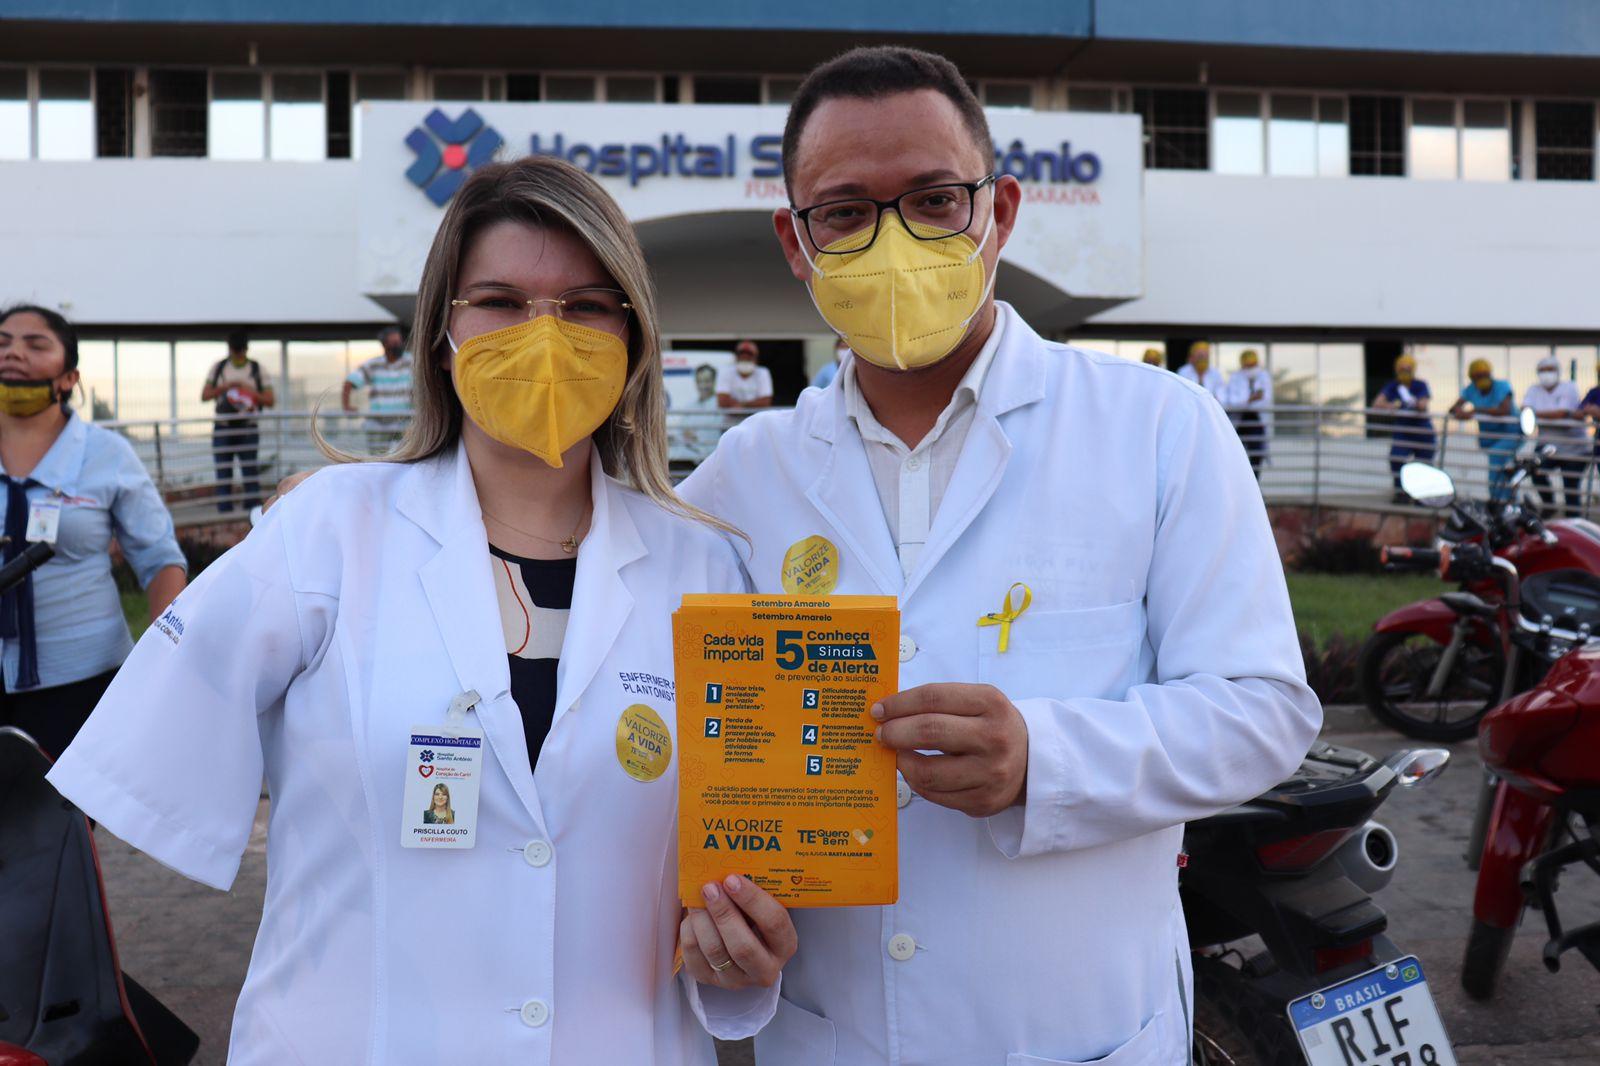 """Neste """"Setembro Amarelo"""", Hospitais Santo Antônio e Coração têm programação especial pela valorização da vida"""